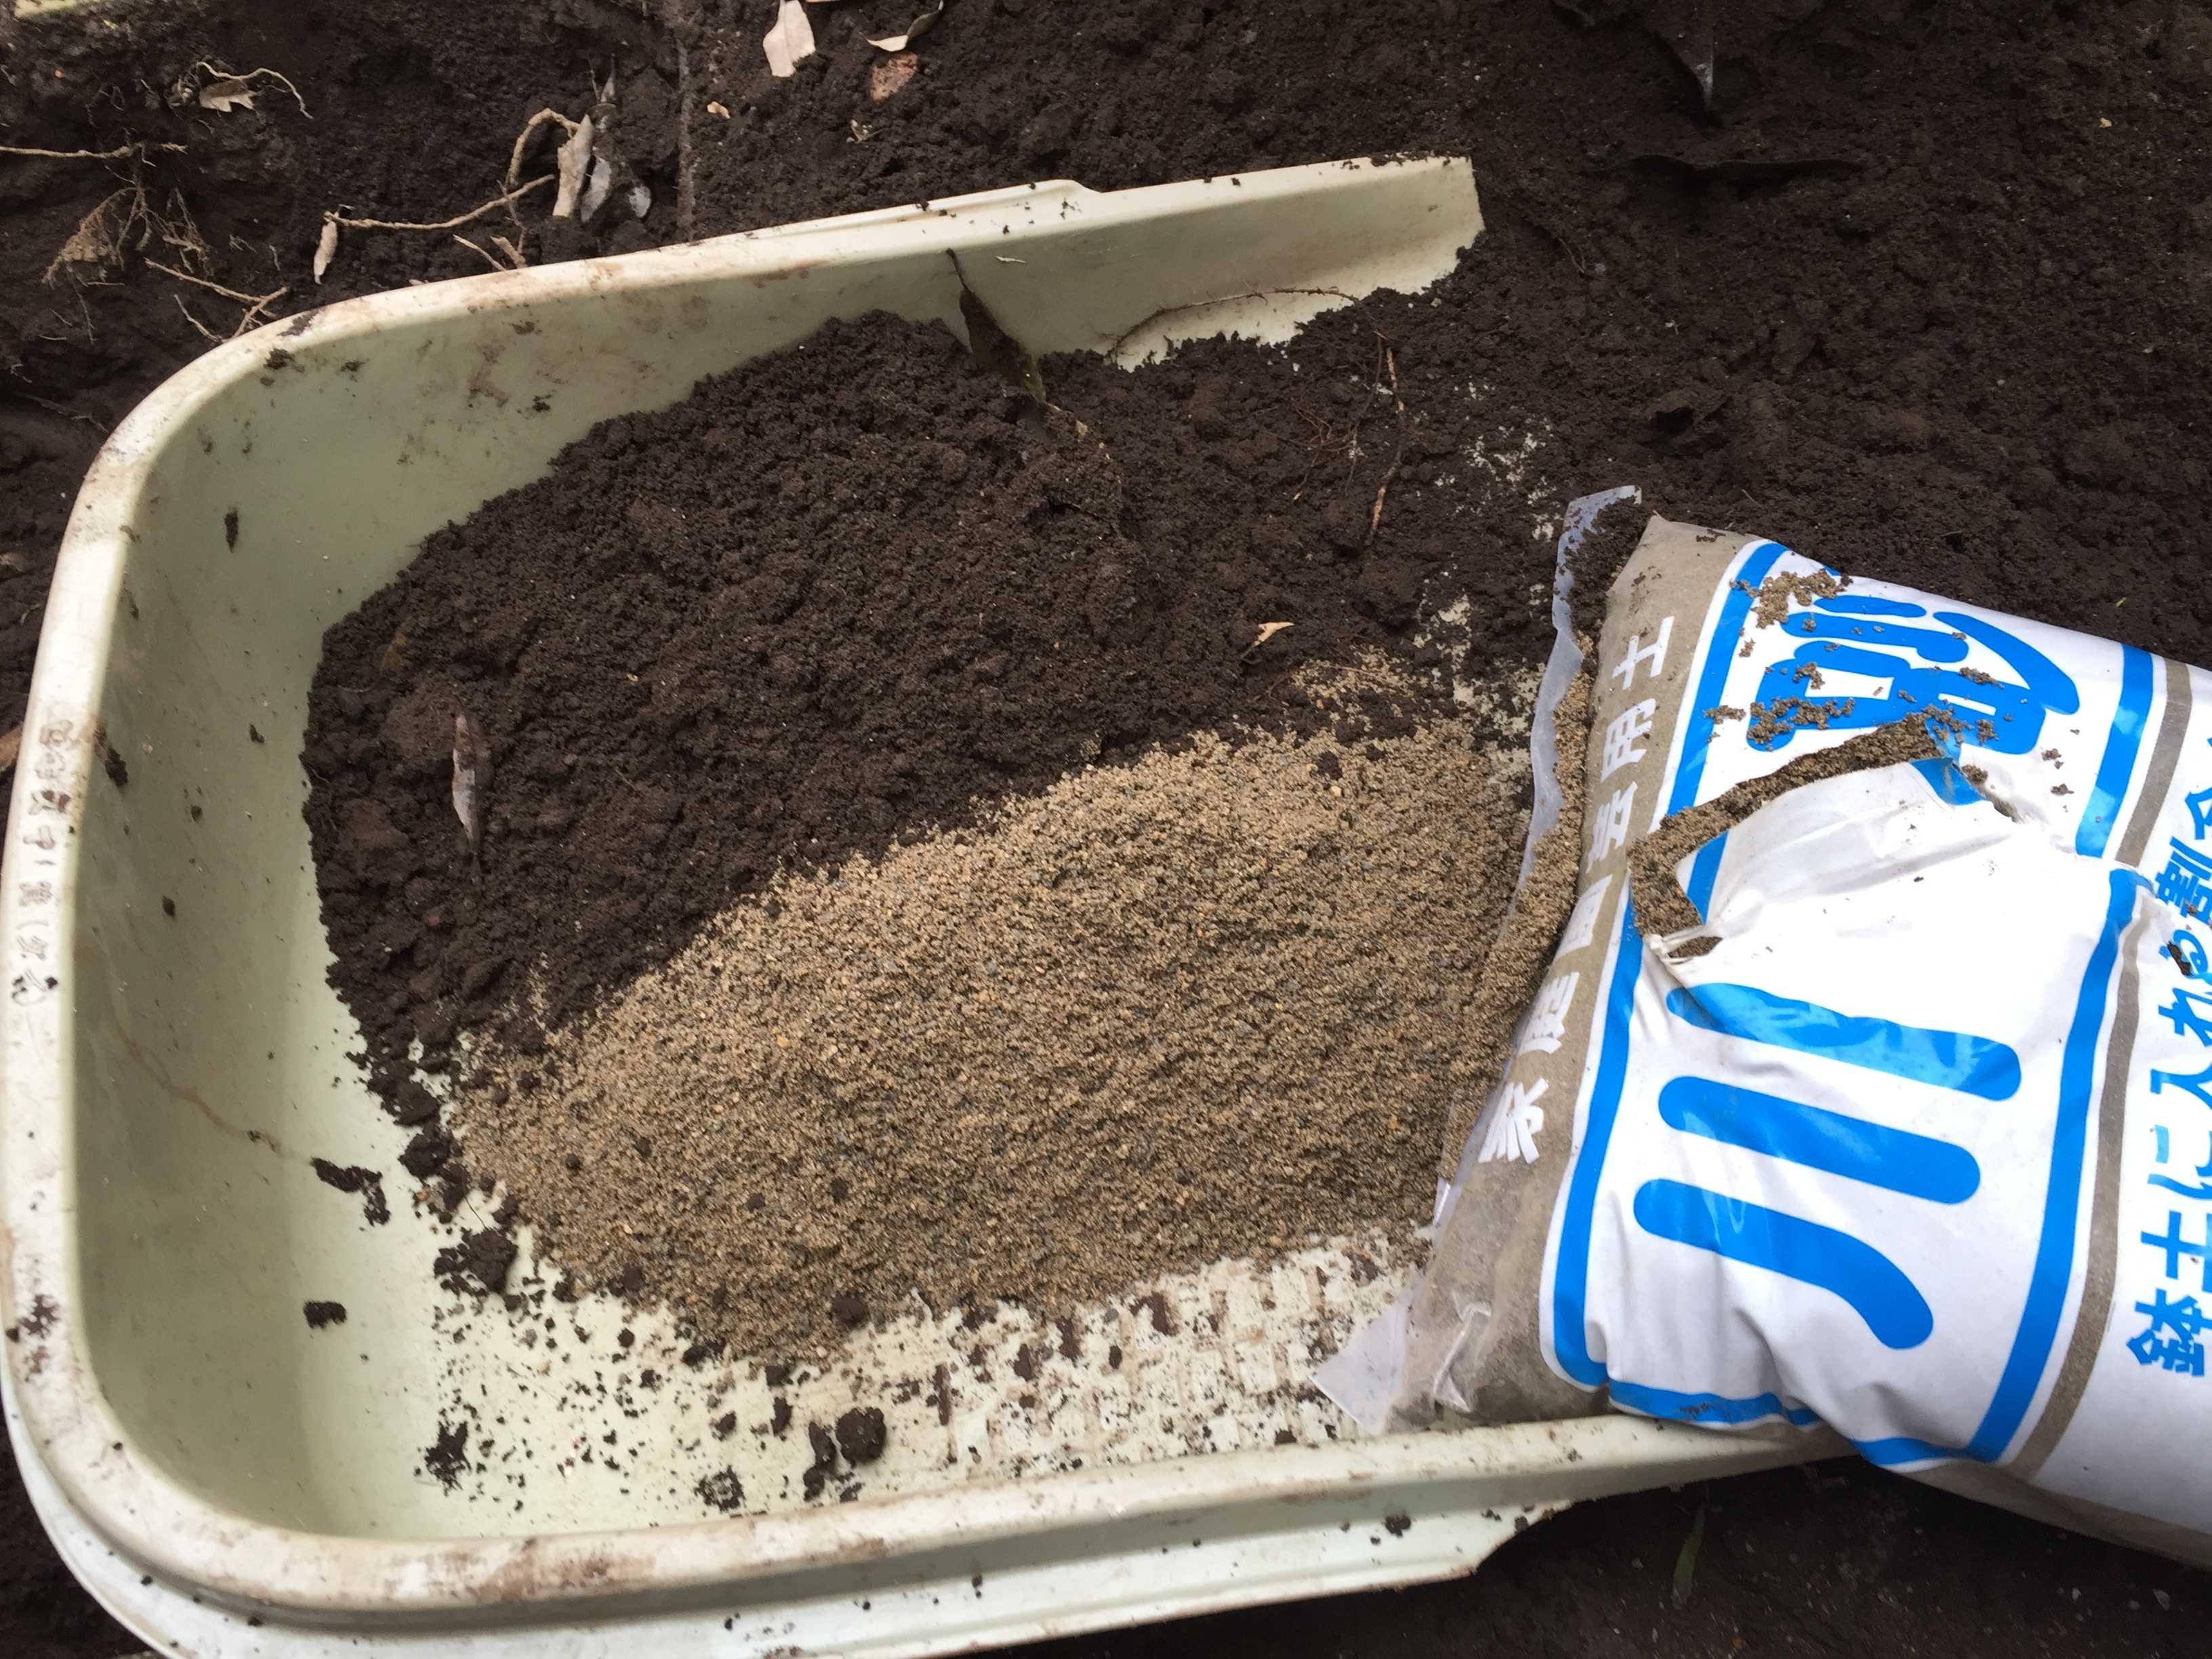 ザクロの植え付け: 掘り出した土と川砂の比率